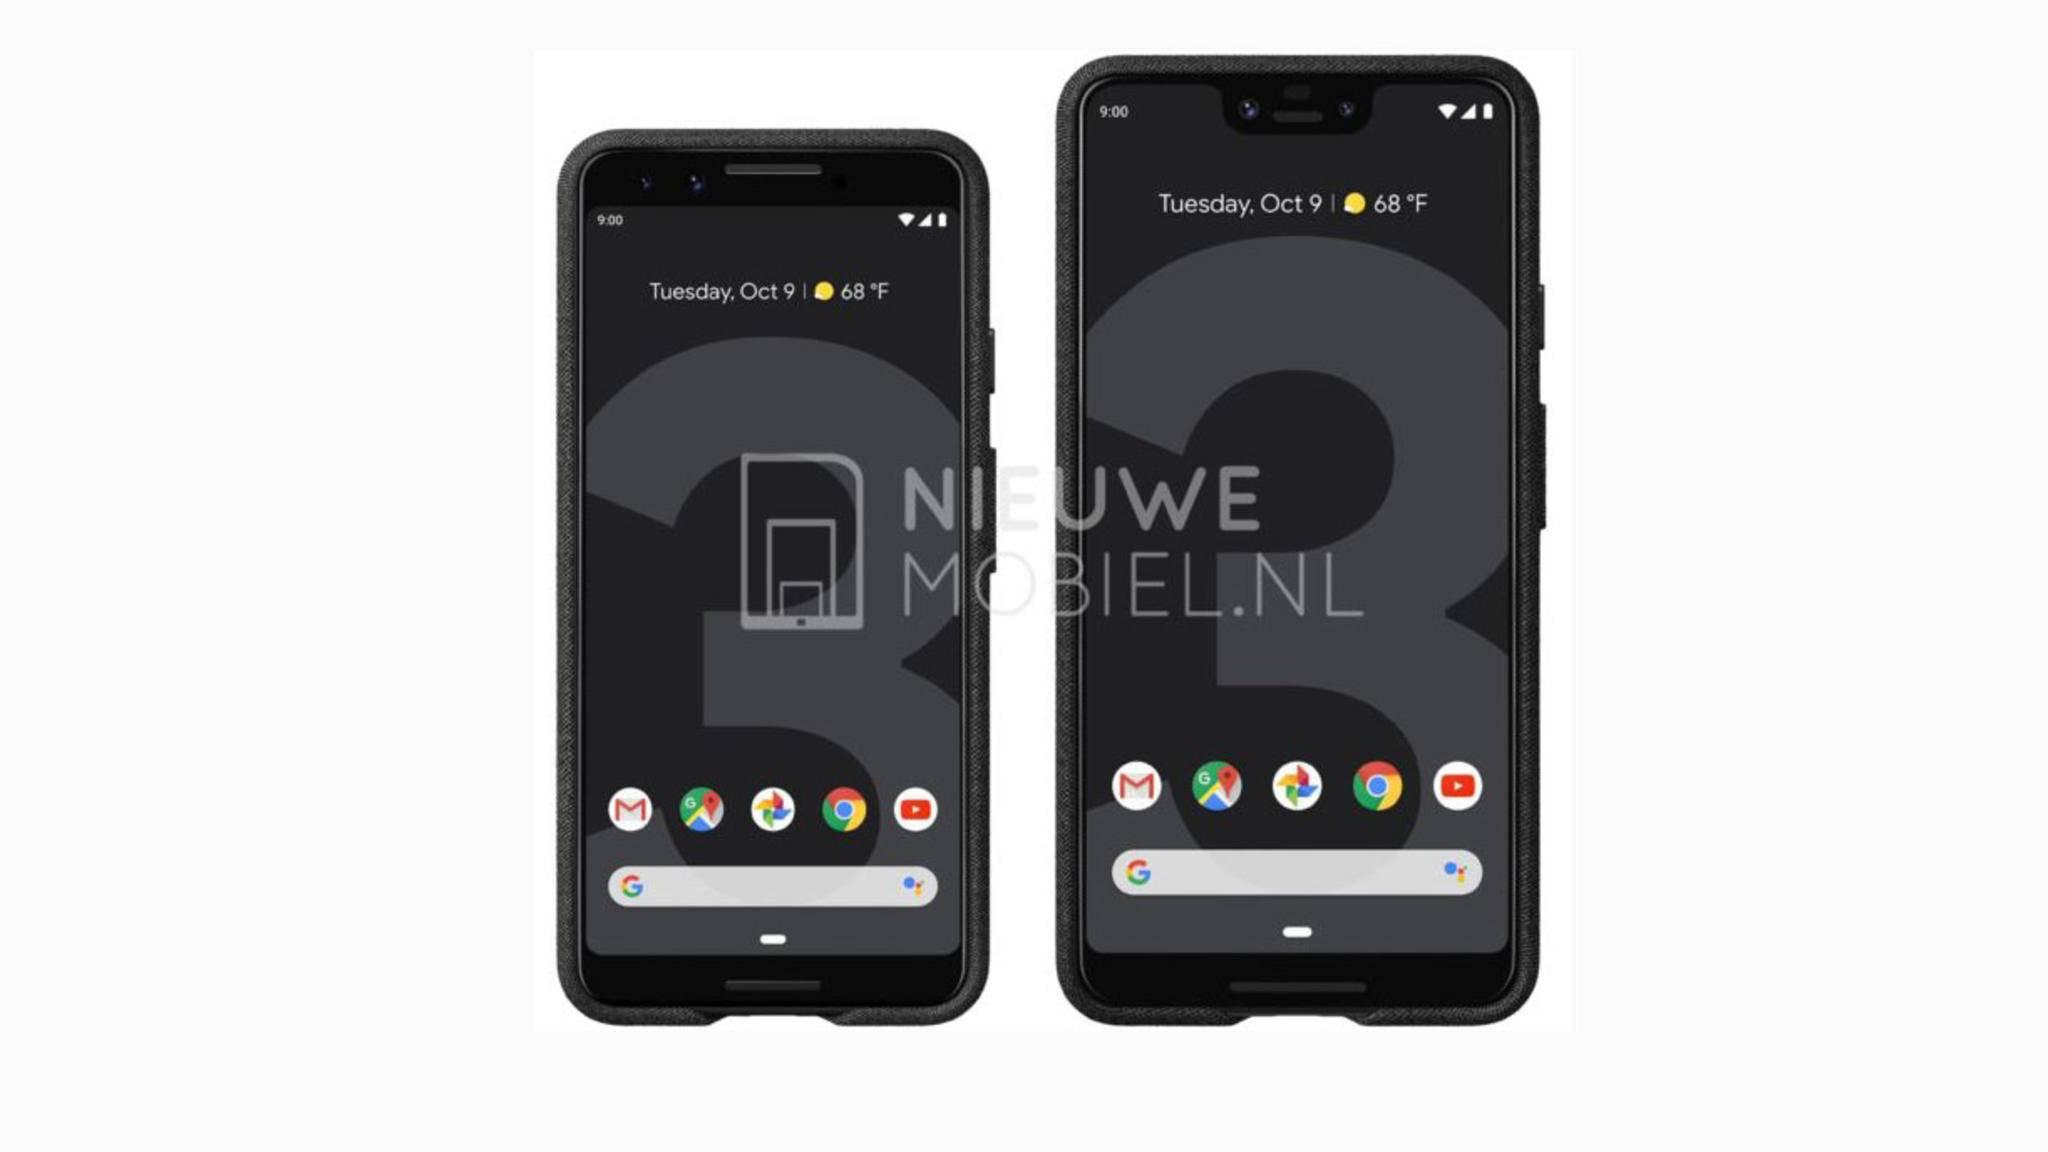 Zeigt dieses Bild tatsächlich das Google Pixel 3 und das Pixel 3 XL?